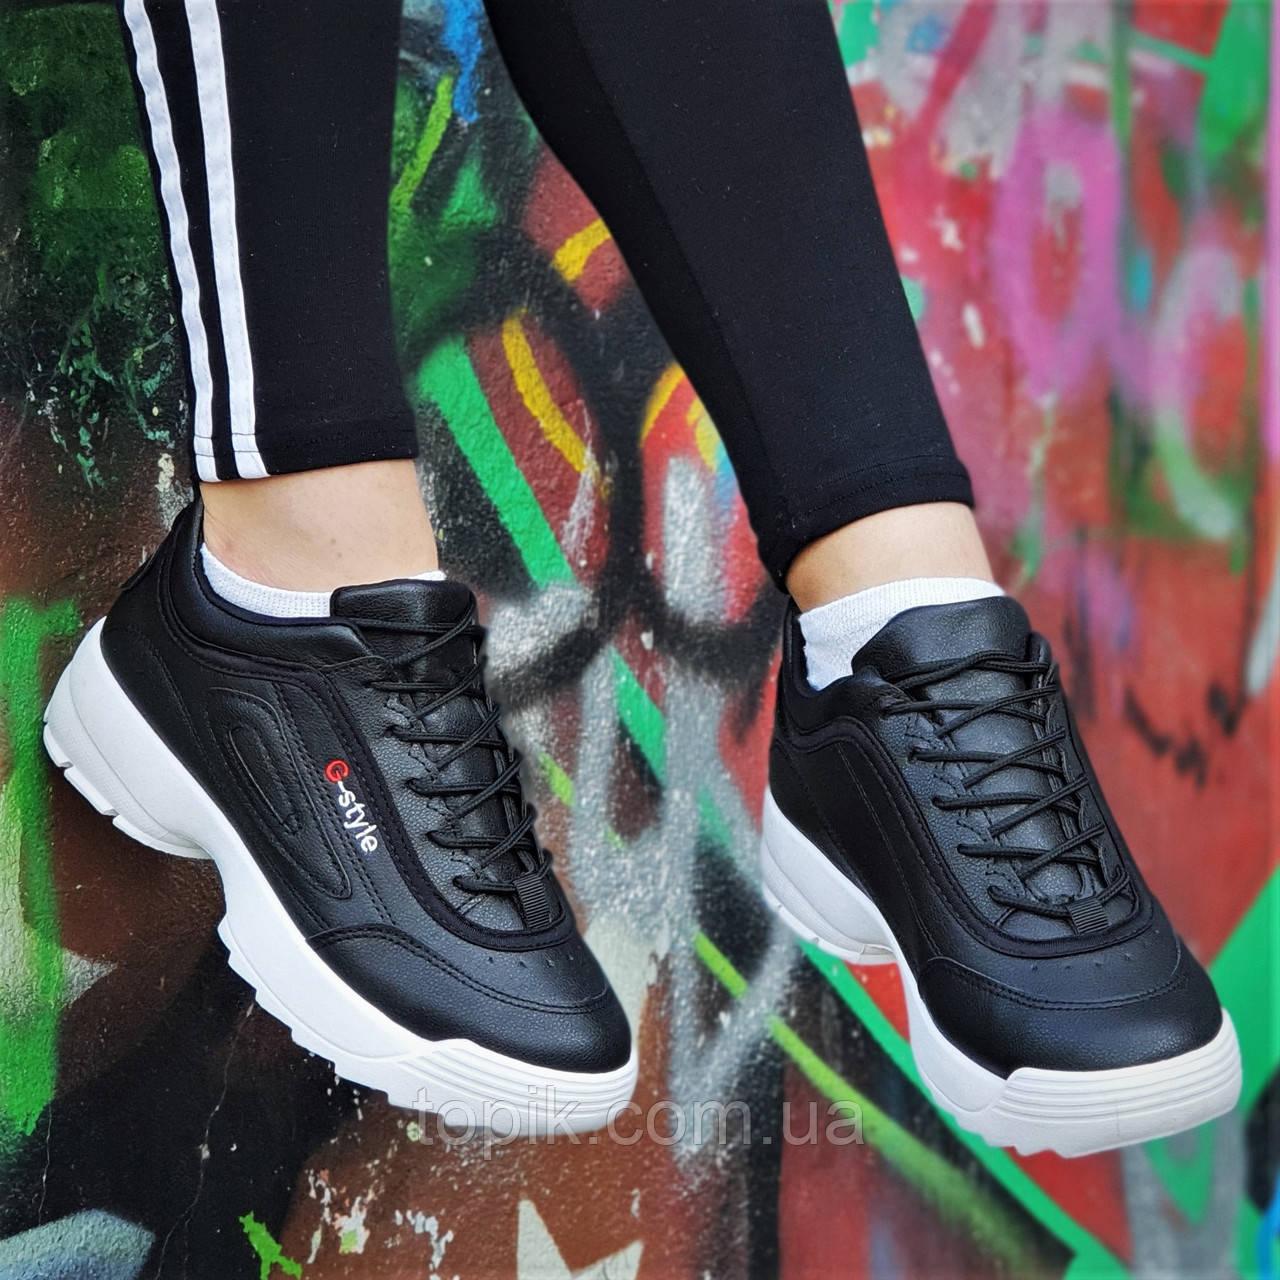 Кроссовки хайповые на платформе в стиле FILA реплика, женские, подростковые черные молодежные (Код: 1239а)